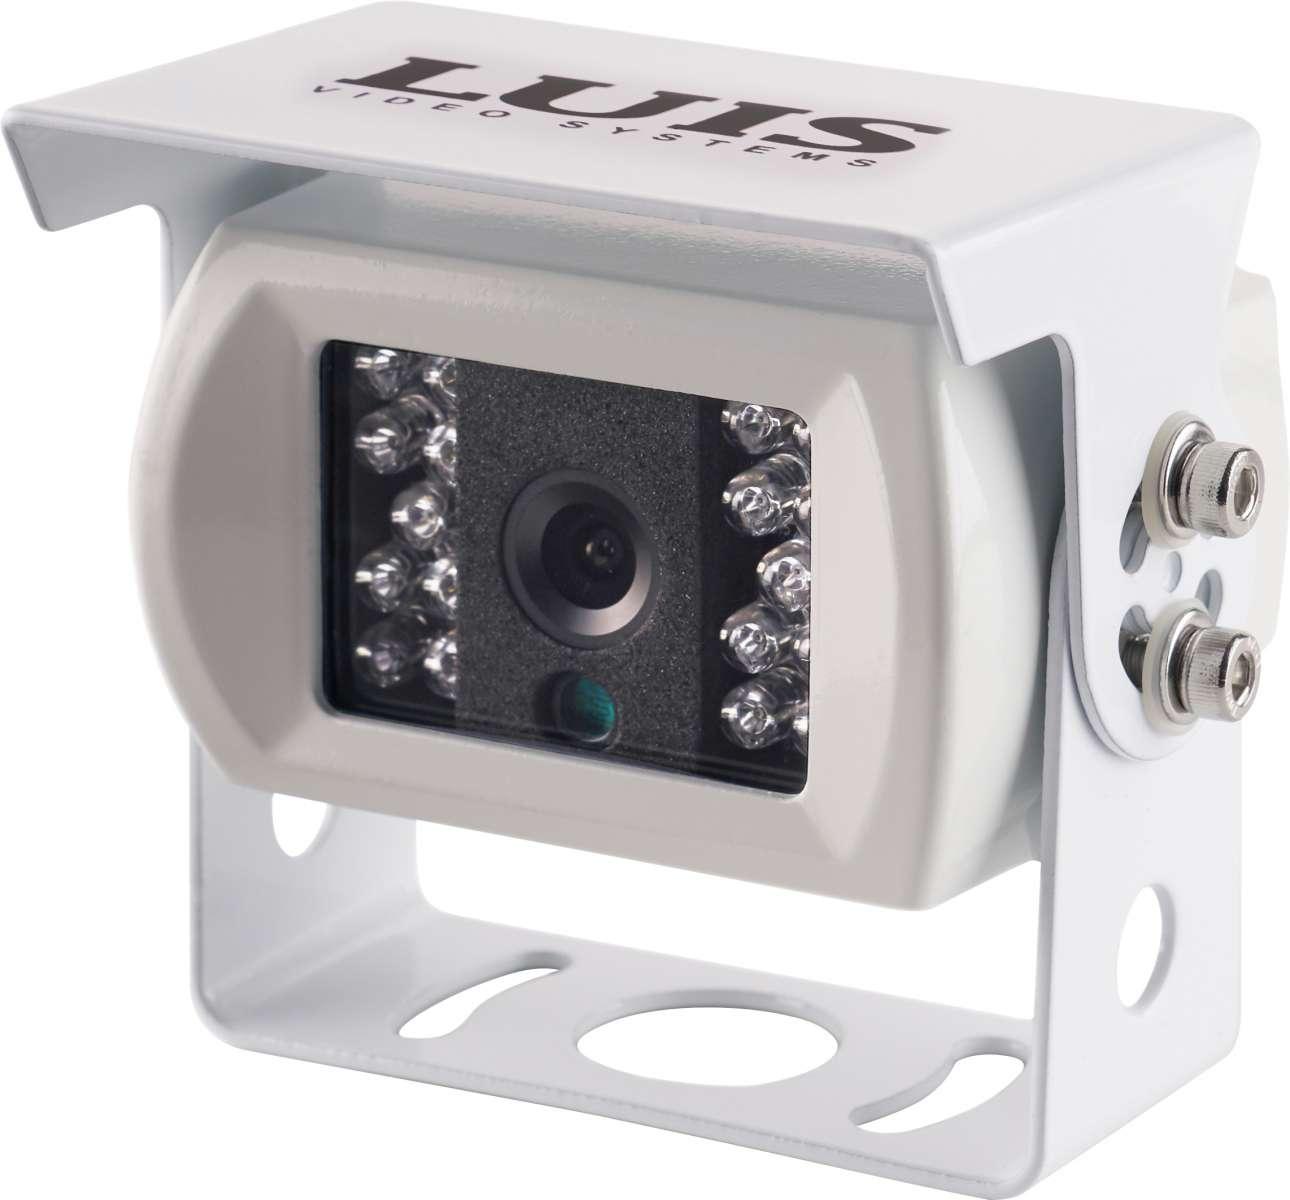 Zenec Rückfahrkamera Preisvergleich • Die besten Angebote online kaufen